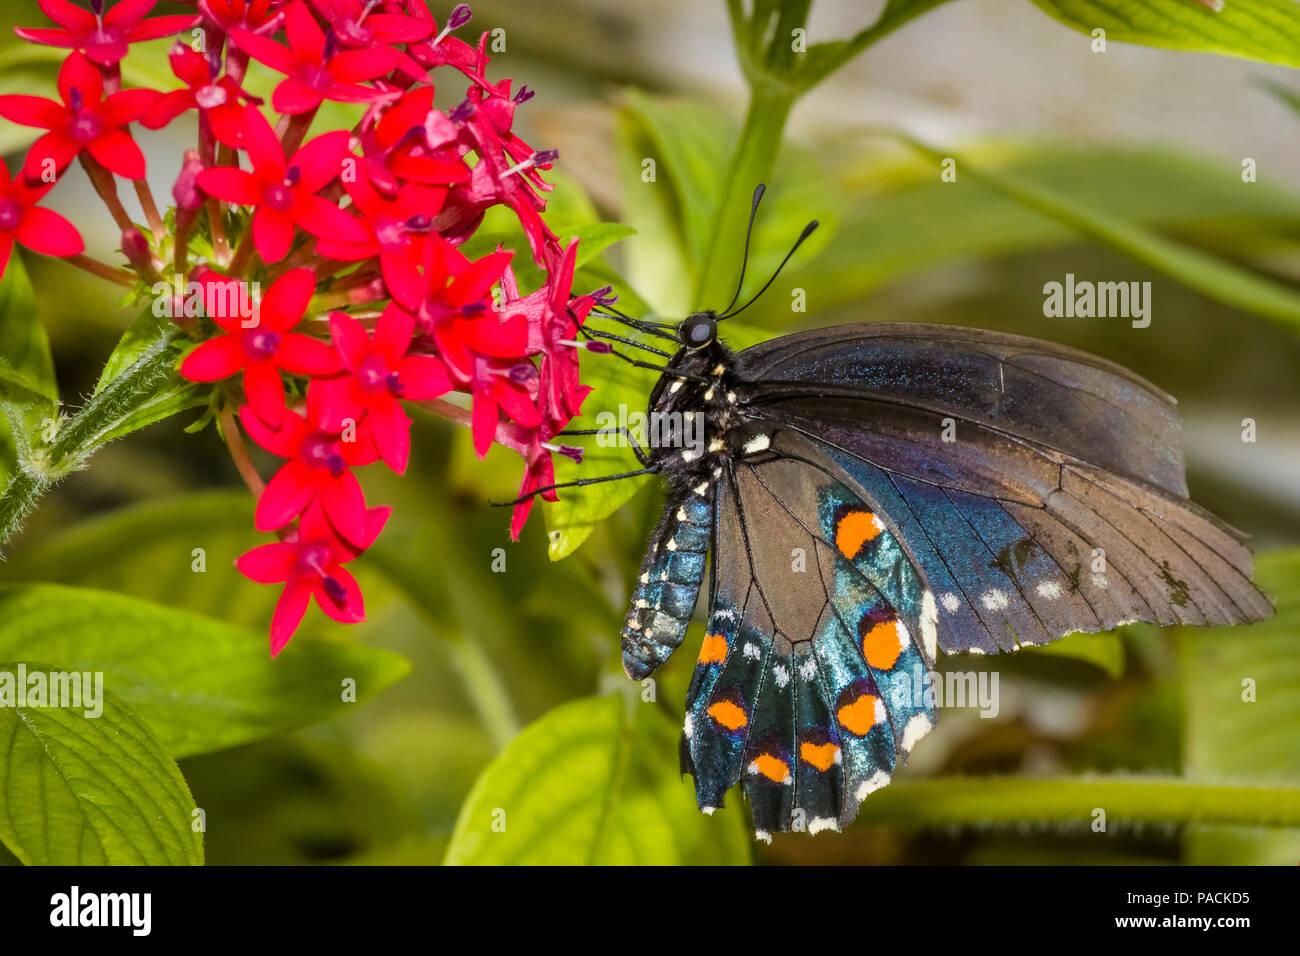 Primer plano de una especie de mariposa oriental también llamada la especie o especie americana en una flor roja Foto de stock